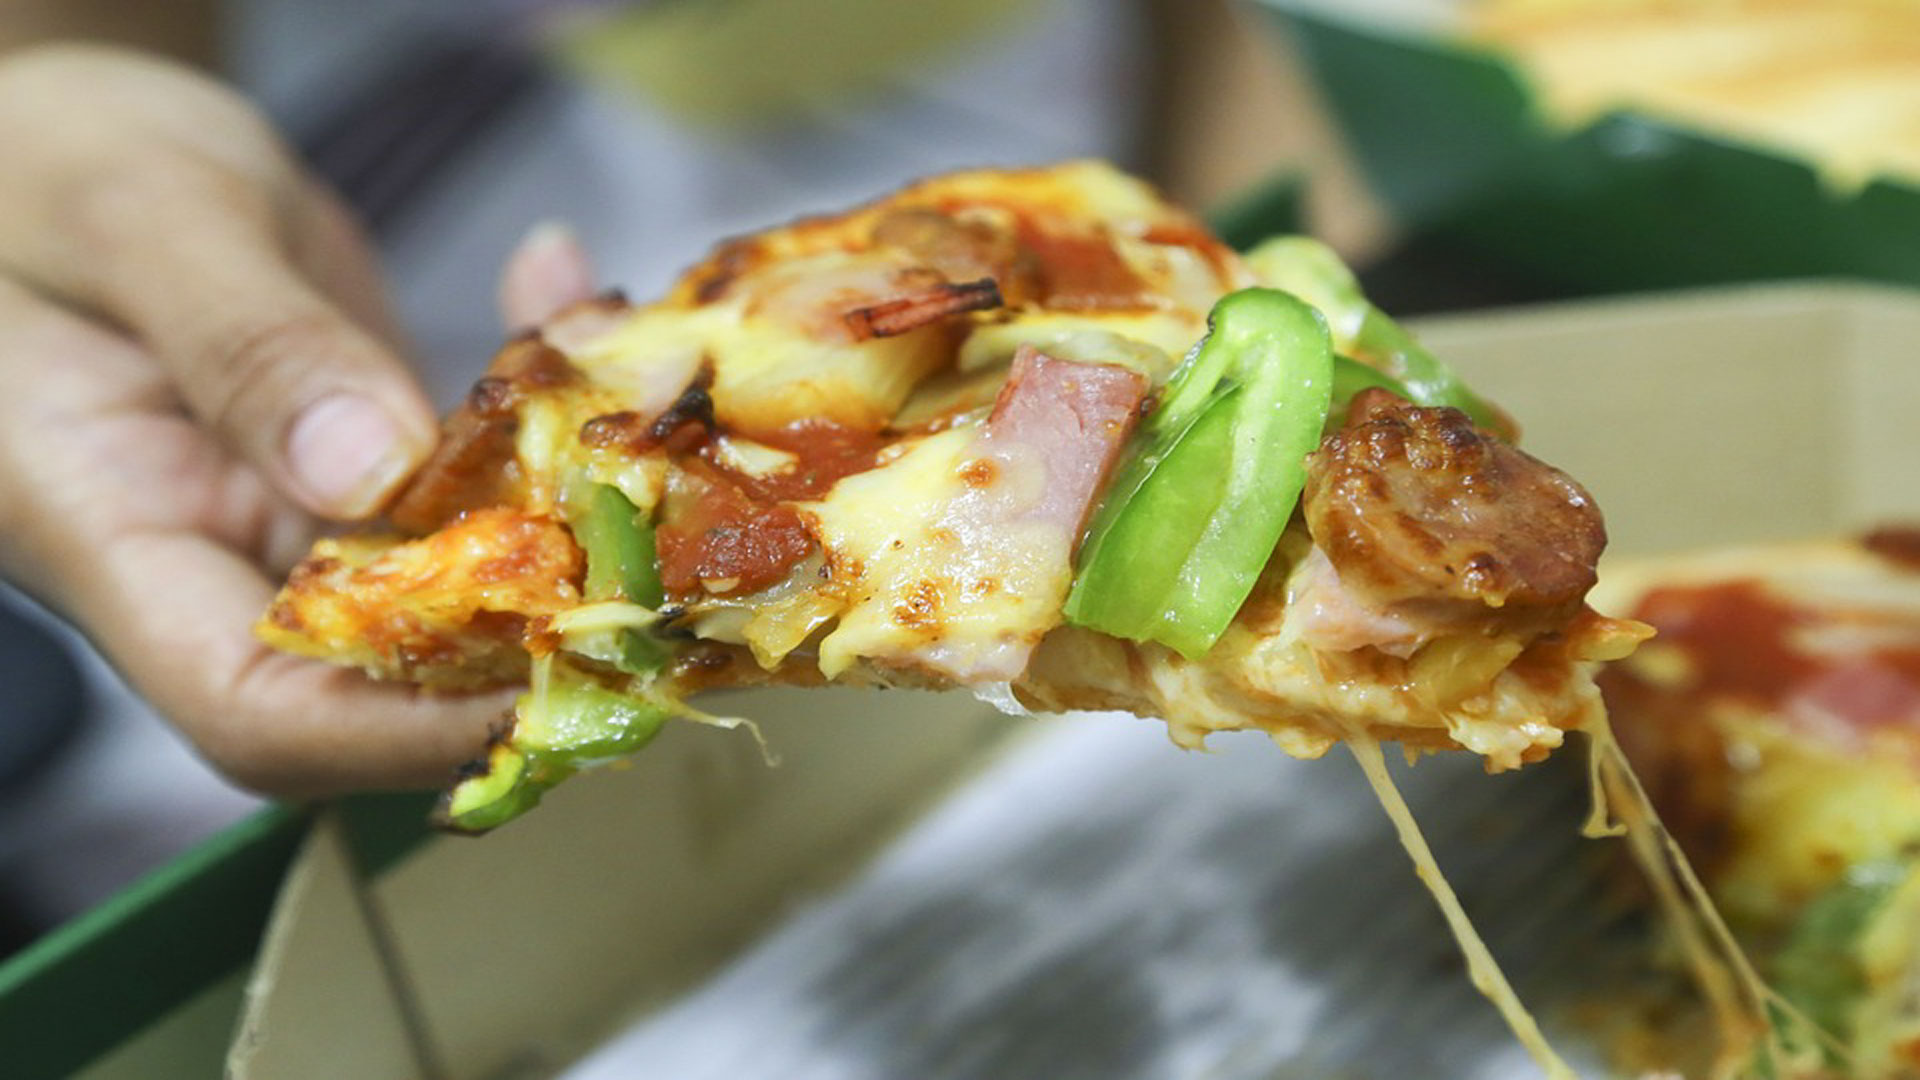 Los-beneficios-de-comer-pizza-1920